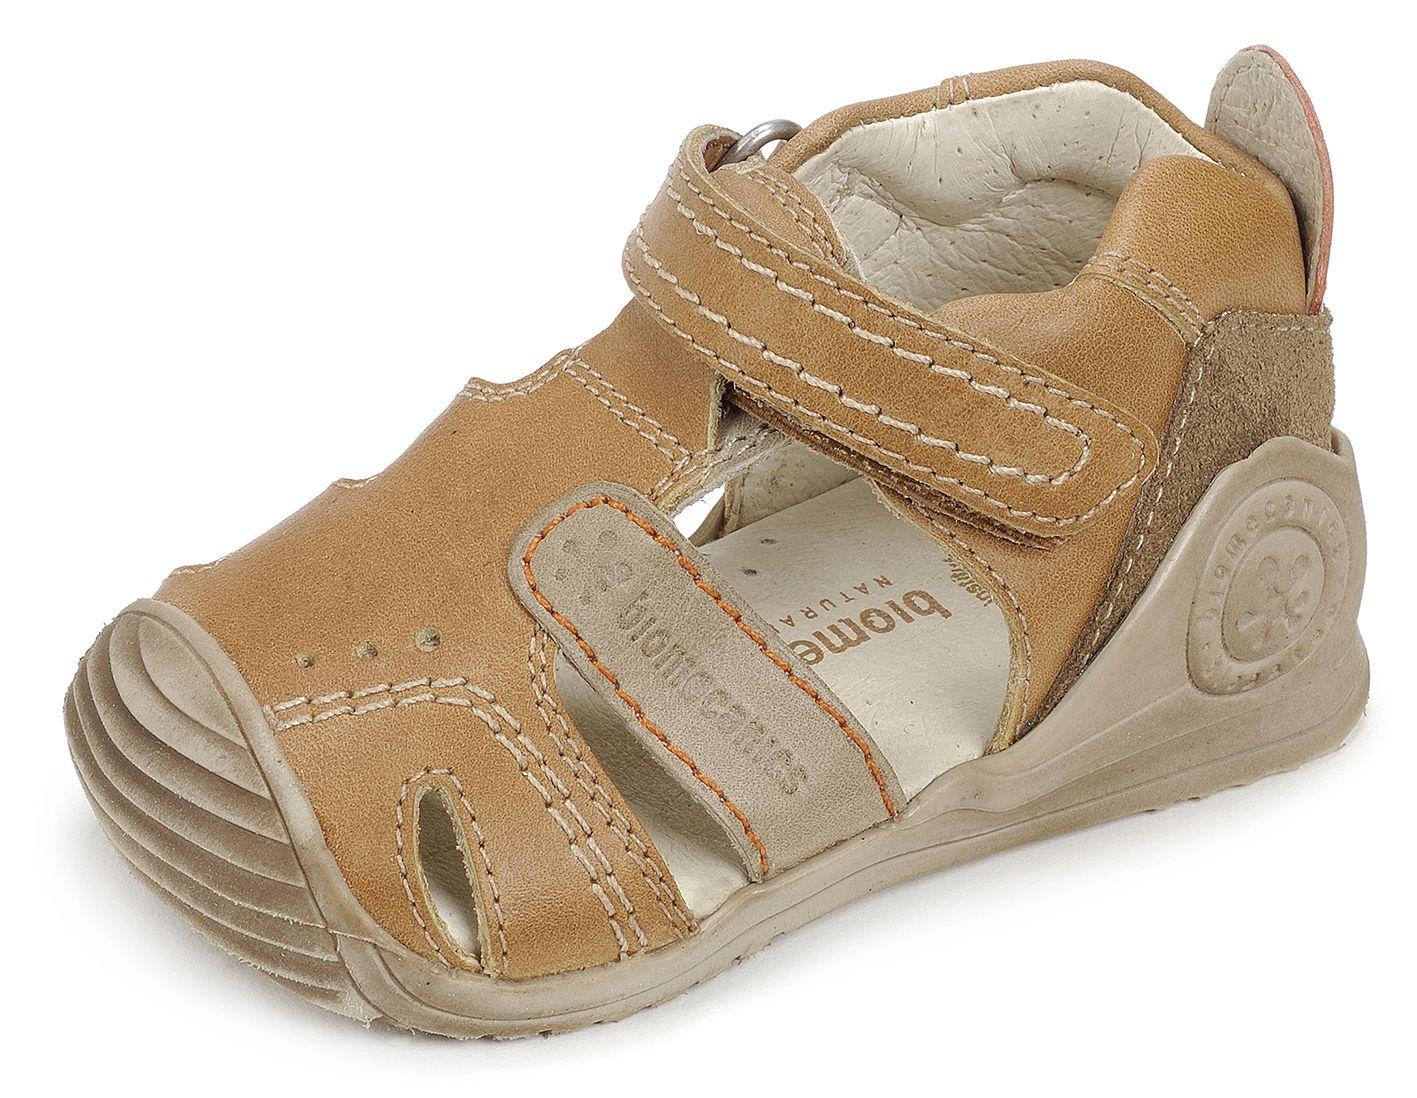 nueva productos 7d9f5 2ad61 Sandalia Biomecanics niño - Marrón - 172145 | BEBE | Zapatos ...